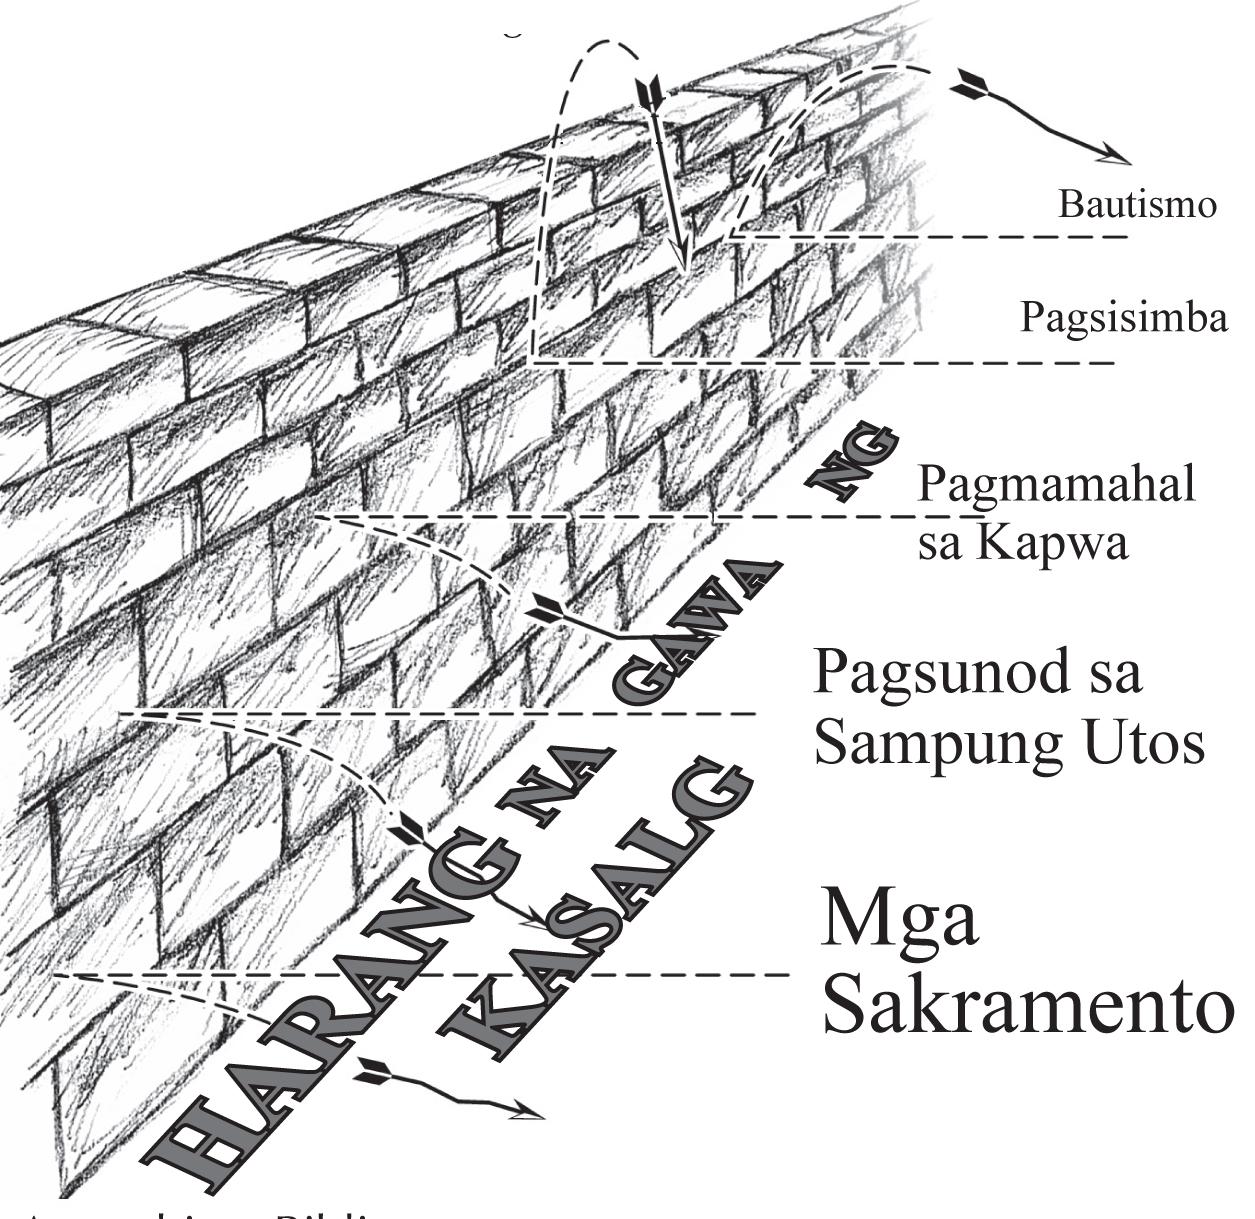 Gospel_Tagalog_p_6_Barrier